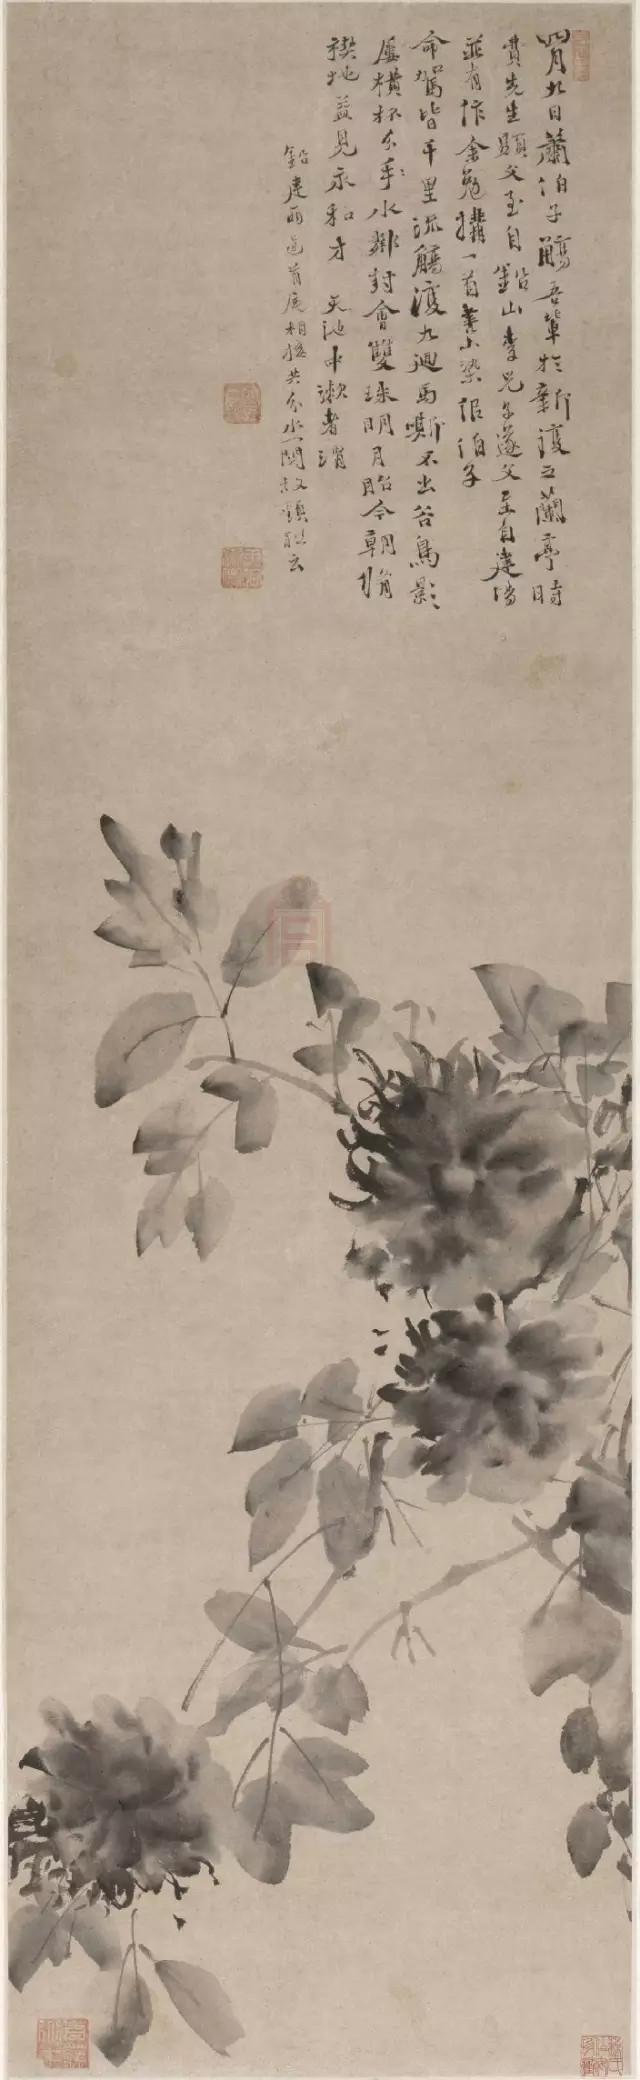 徐渭 水墨牡丹图 纸本墨笔 109.2×33cm故宫博物院藏